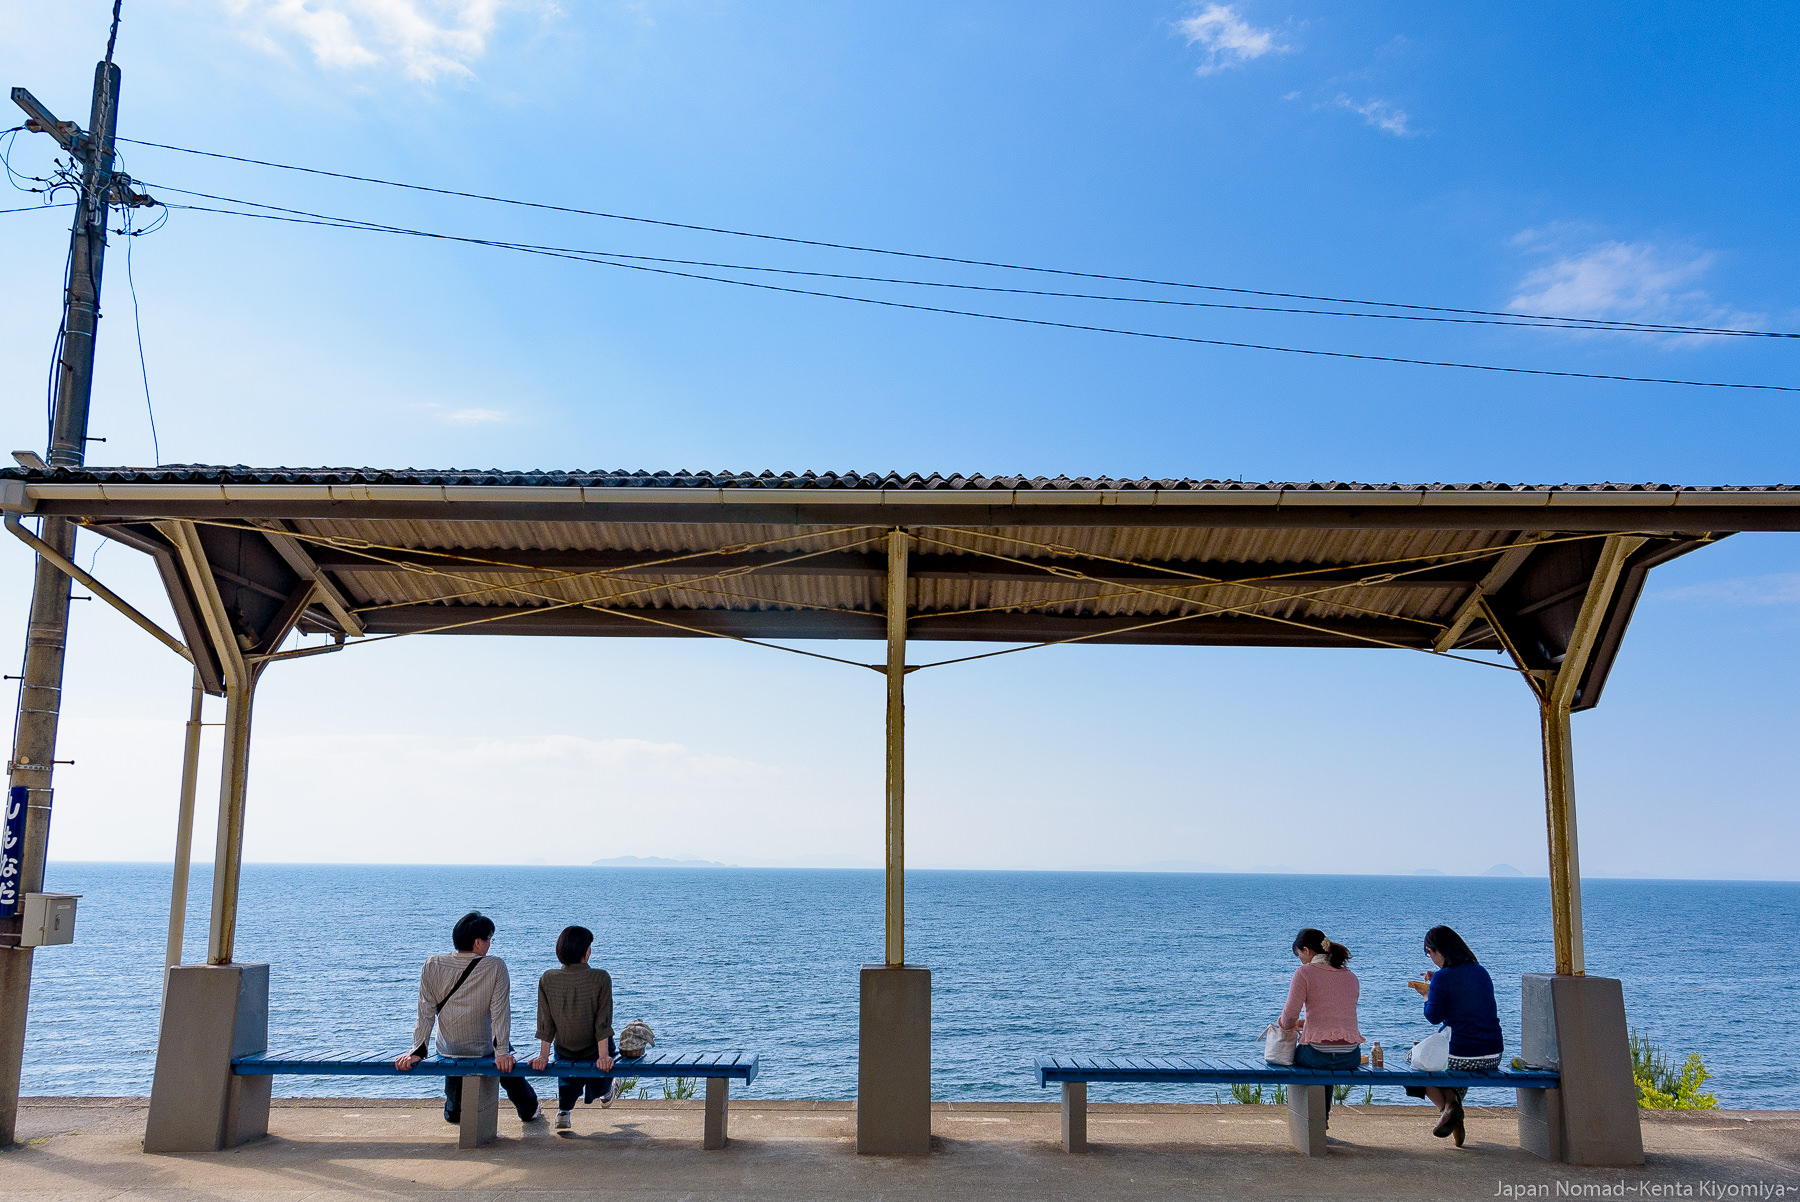 【旅251日目】のどかな絶景、日本一海に近い駅「下灘駅」